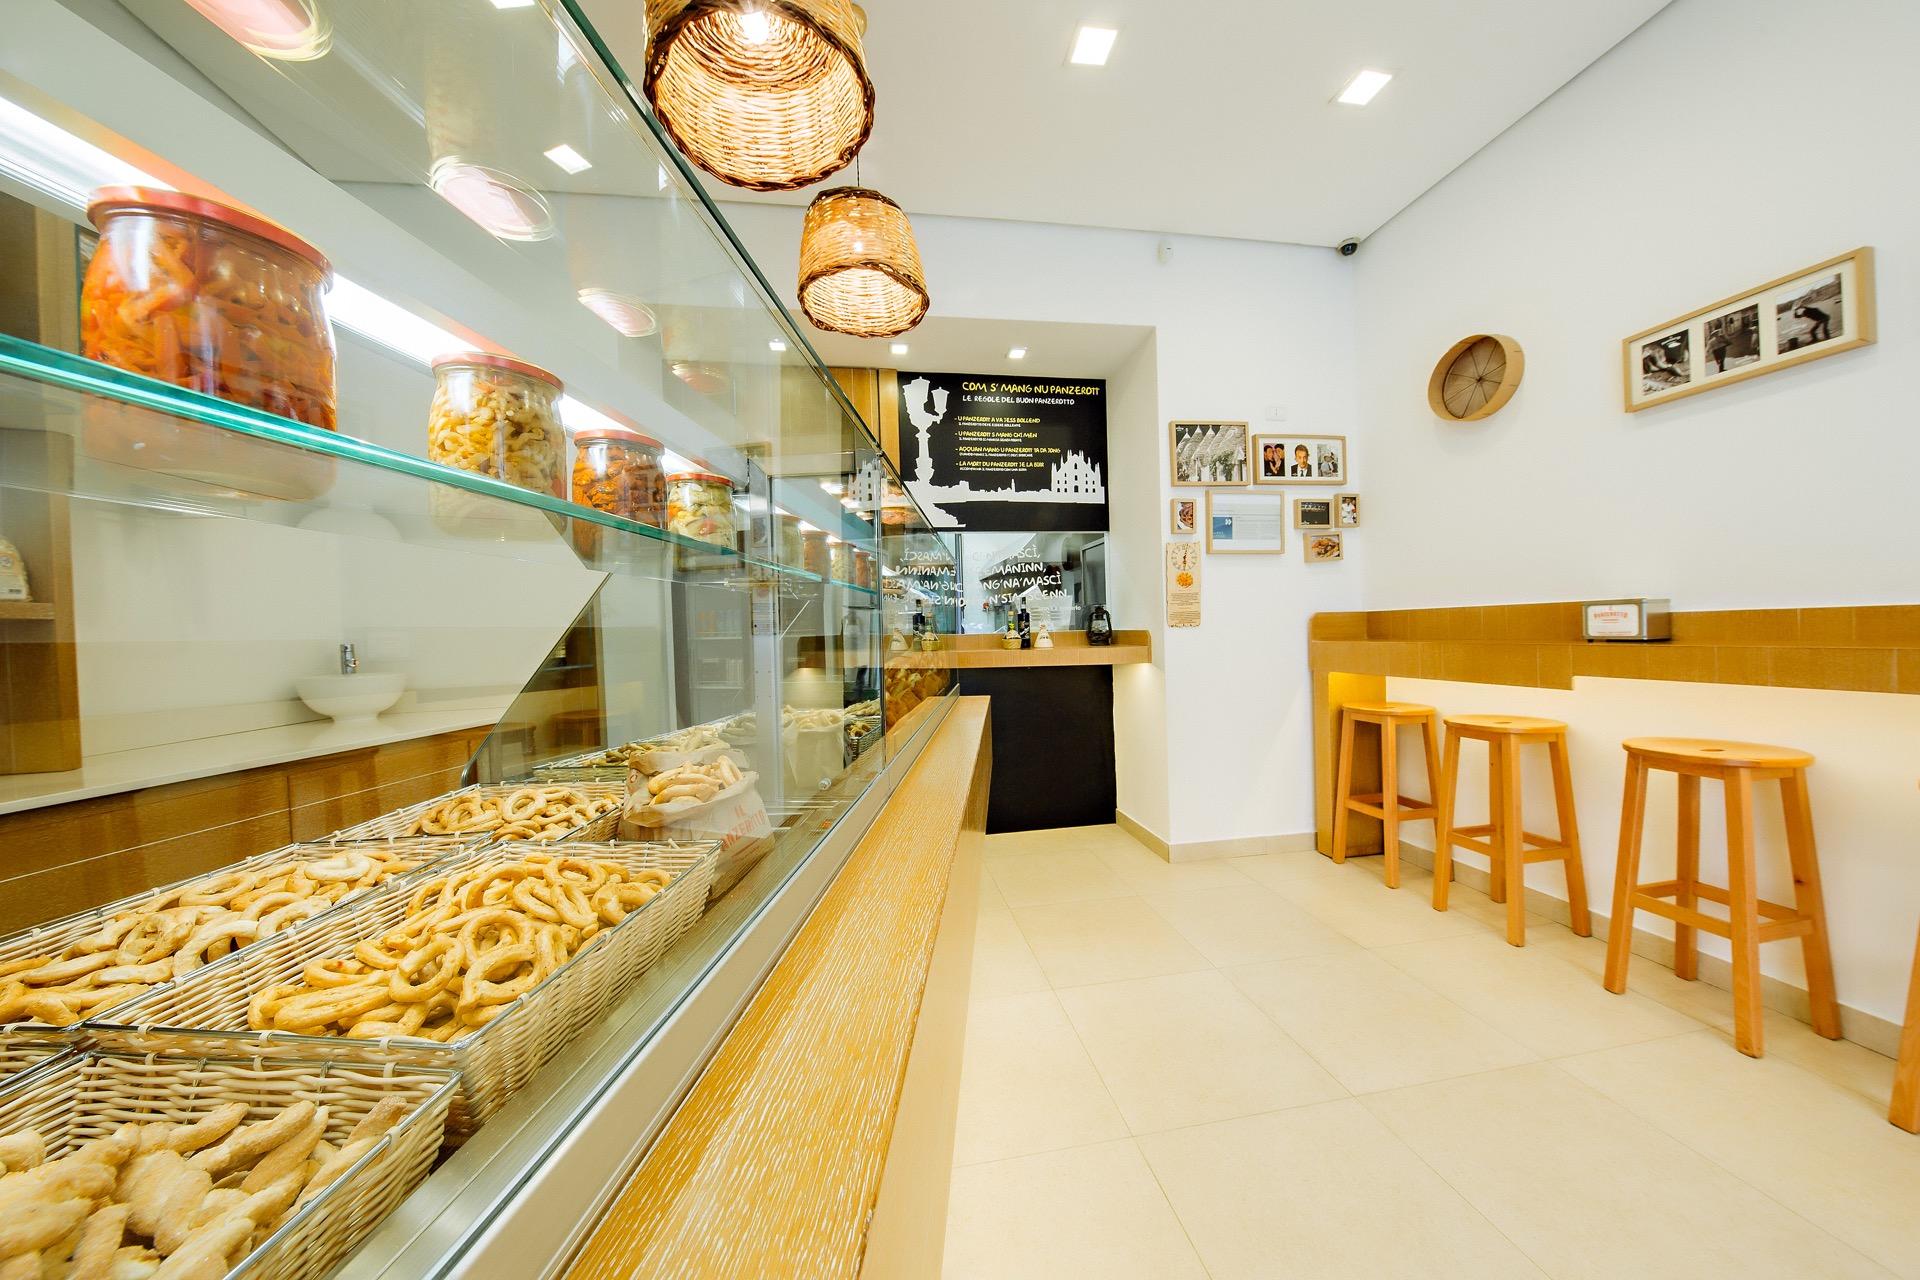 franchising street food alimentare panzerotto oanzerotti2015_05_06_Il_Panzerotto_0010